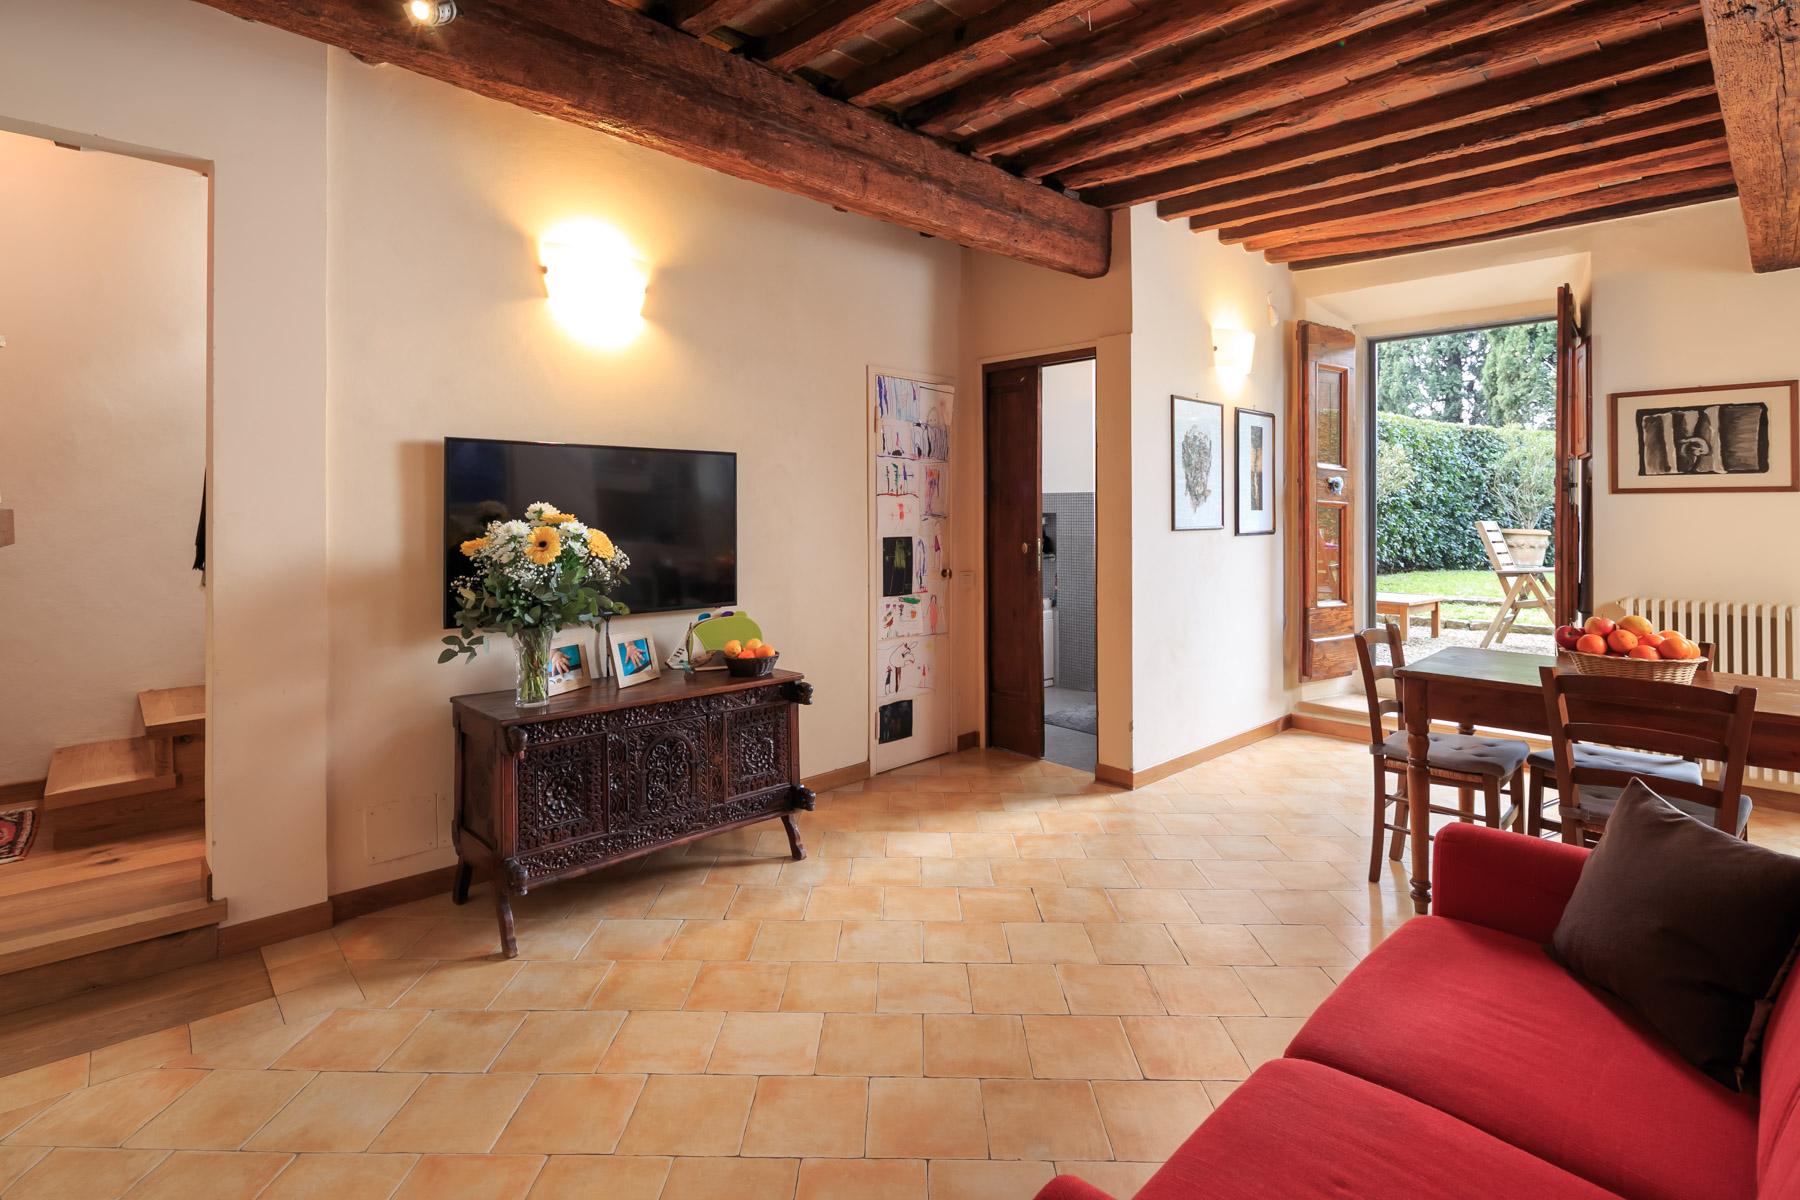 Rustico in Vendita a Firenze: 5 locali, 230 mq - Foto 7